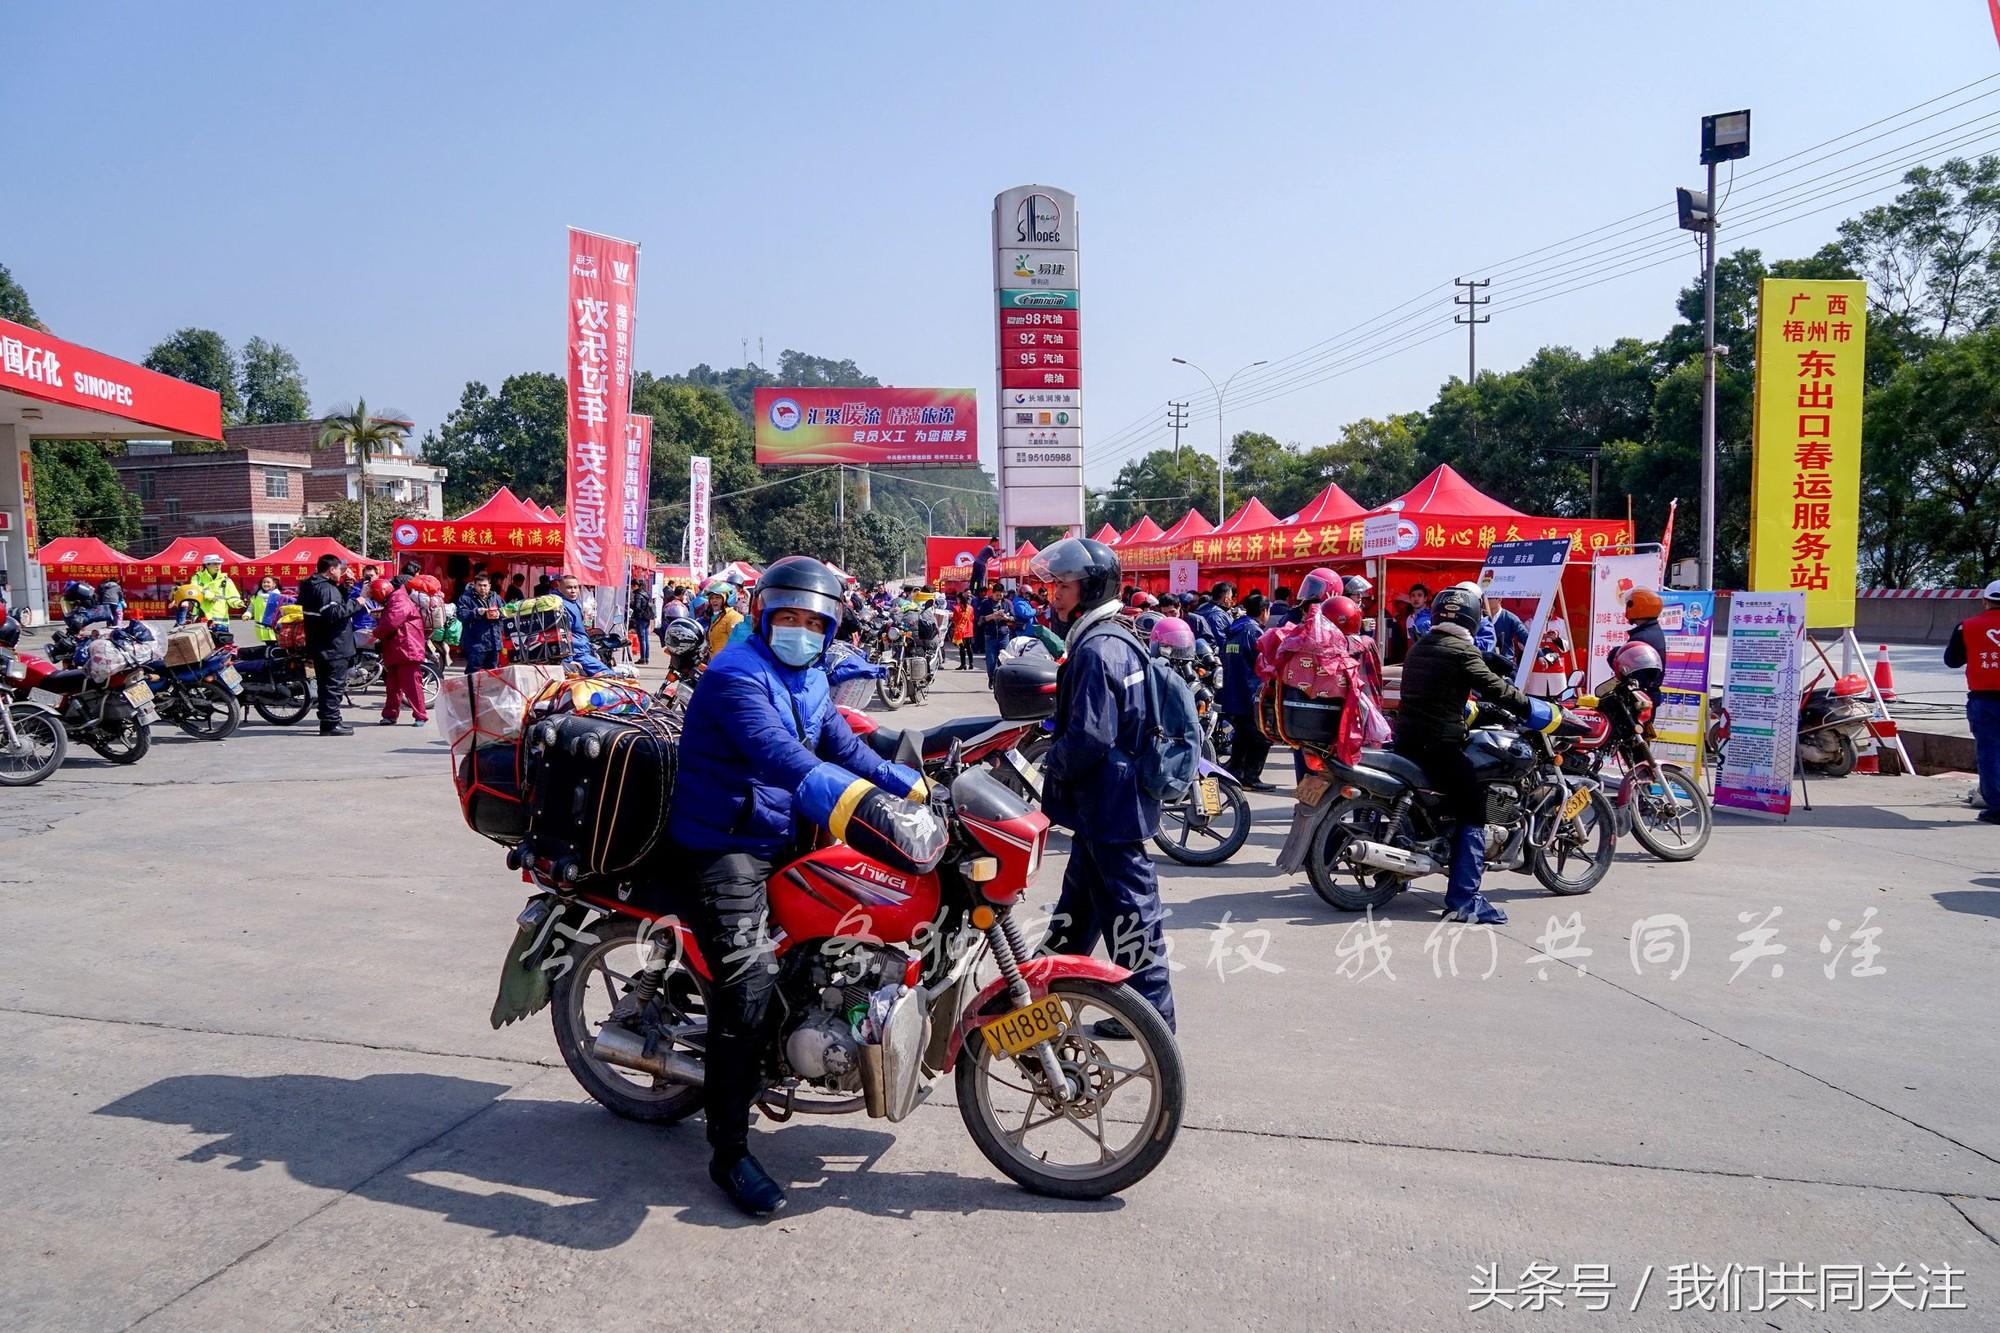 Ngán ngẩm cảnh đông đúc tại nhà xe bến tàu, hàng chục nghìn người Trung Quốc phượt trăm km về quê ăn Tết - Ảnh 3.